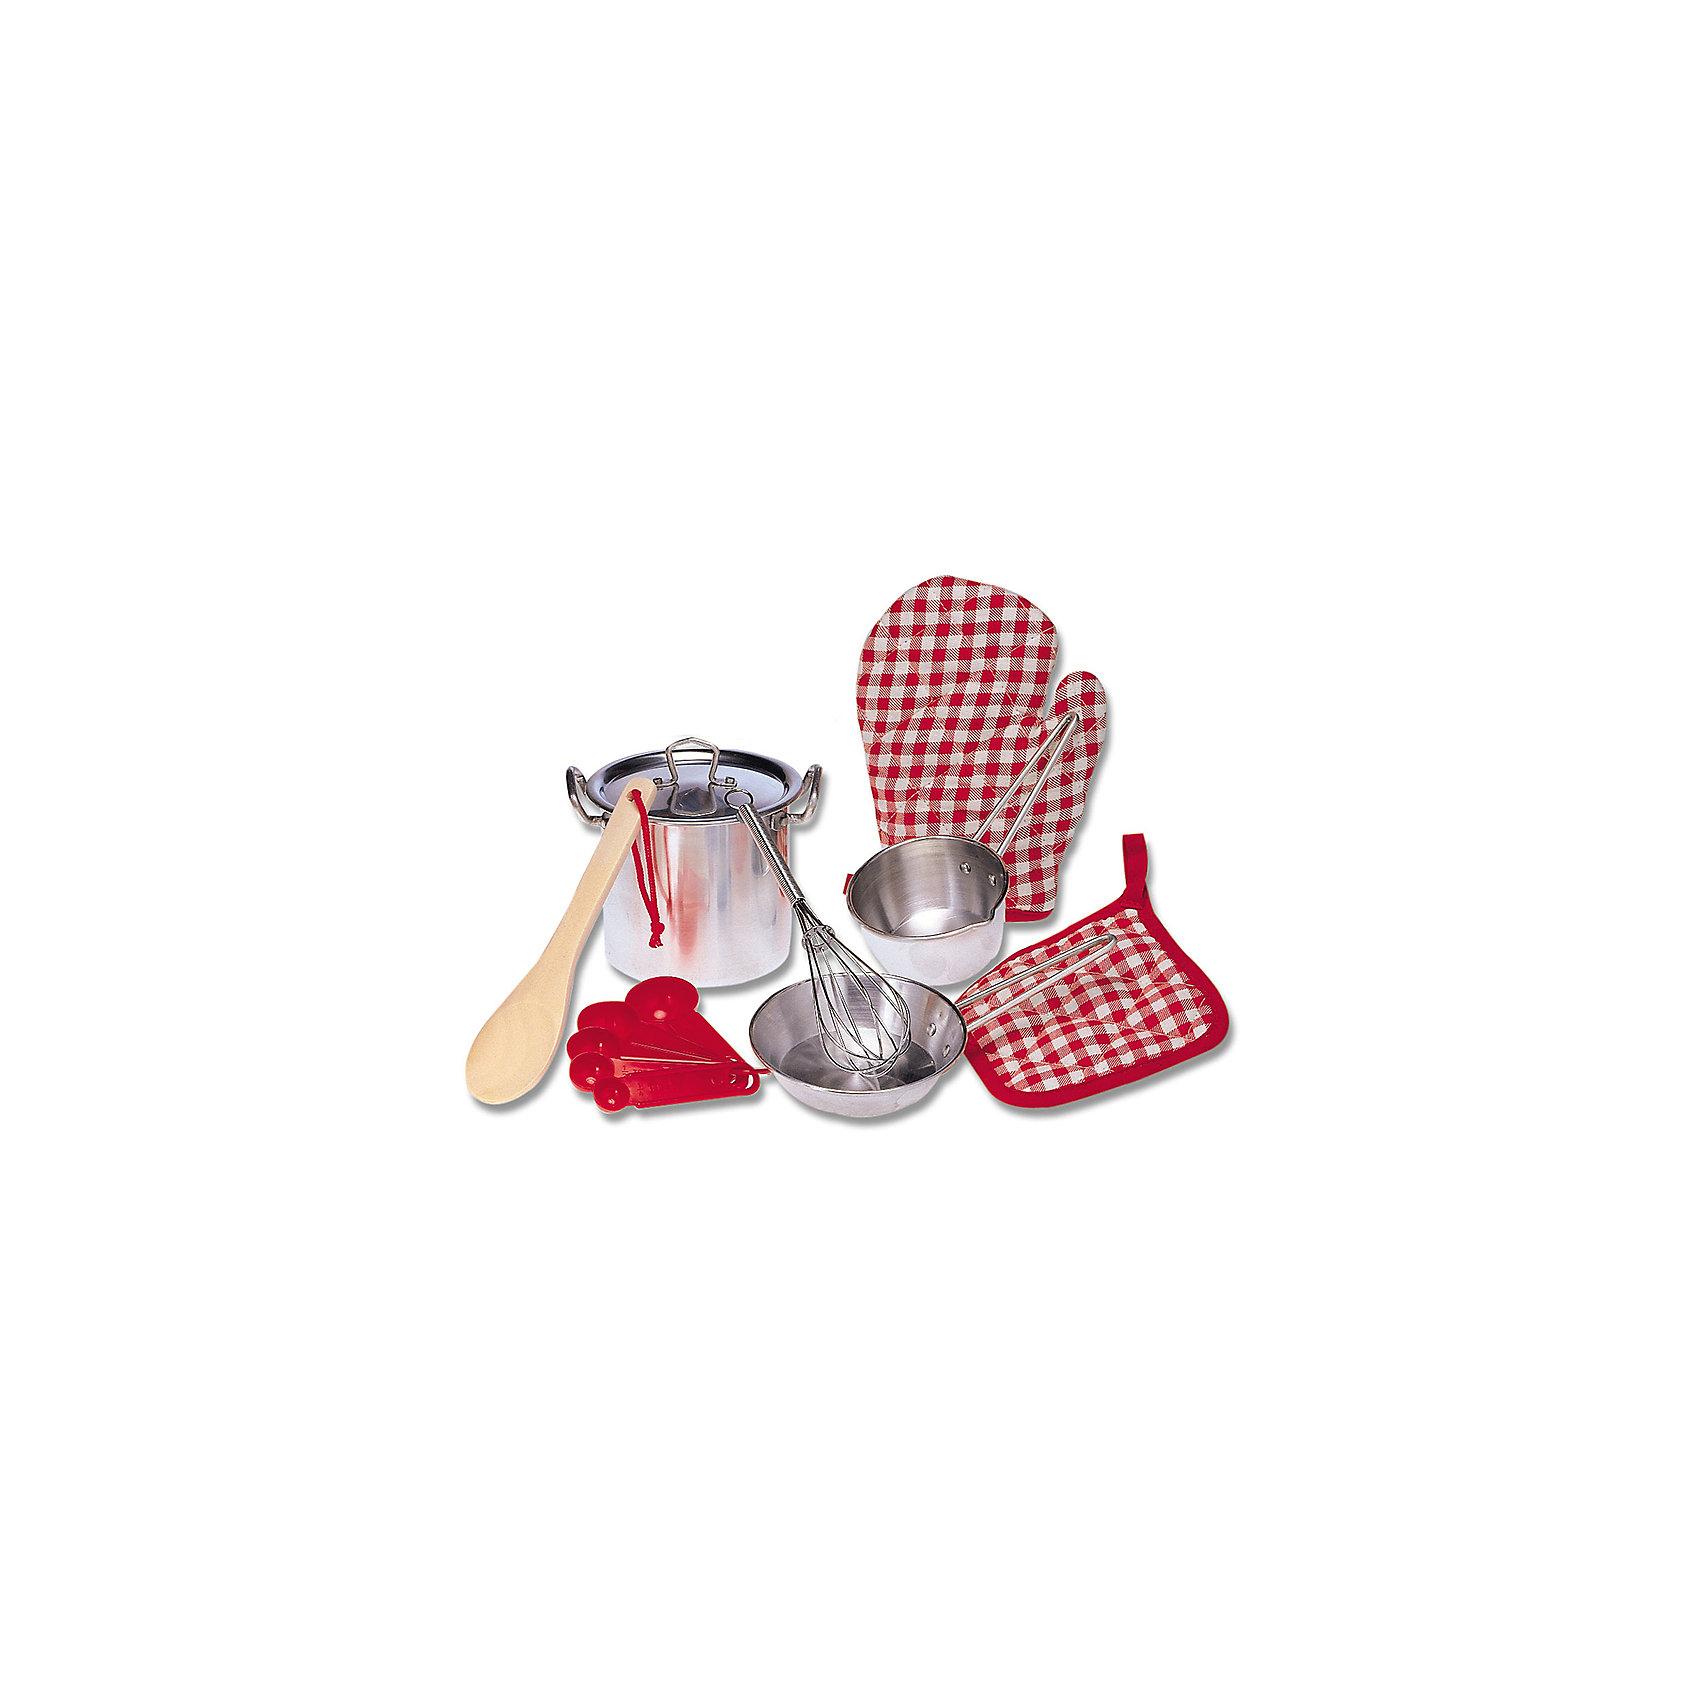 Набор кухонной посуды, ALEXПосуда и аксессуары для детской кухни<br>Набор кухонной посуды, ALEX (Алекс).<br>Маленький шеф-повар закатит игрушечный пир на весь мир! В этом ему поможет Набор кухонной посуды, ALEX .  Итальянская паста, украинский борщ- все удастся на славу! Бульонница с крышкой, сковорода помогут сделать и подать замечательный обед. В его приготовлении помогут такие кухонные принадлежности:<br>- дуршлаг,<br>- венчик,<br>- лопаточка,<br>- ложка для пасты,<br>- половник,<br>- шумовка, деревянная ложка и прихватка.<br>В процессе развлечения можно использовать воду, так как посуда выполнена из нержавеющей стали. <br><br>Дополнительная информация:<br><br>- Размеры упаковки: 10,6 ? 26 ? 42,55 см.<br>- Вес – 0,73кг.<br>- Материал - нержавеющая сталь.<br><br>Набор кухонной посуды, ALEX (Алекс) можно купить в нашем интернет - магазине.<br><br>Ширина мм: 152<br>Глубина мм: 190<br>Высота мм: 152<br>Вес г: 272<br>Возраст от месяцев: 36<br>Возраст до месяцев: 120<br>Пол: Женский<br>Возраст: Детский<br>SKU: 4965749